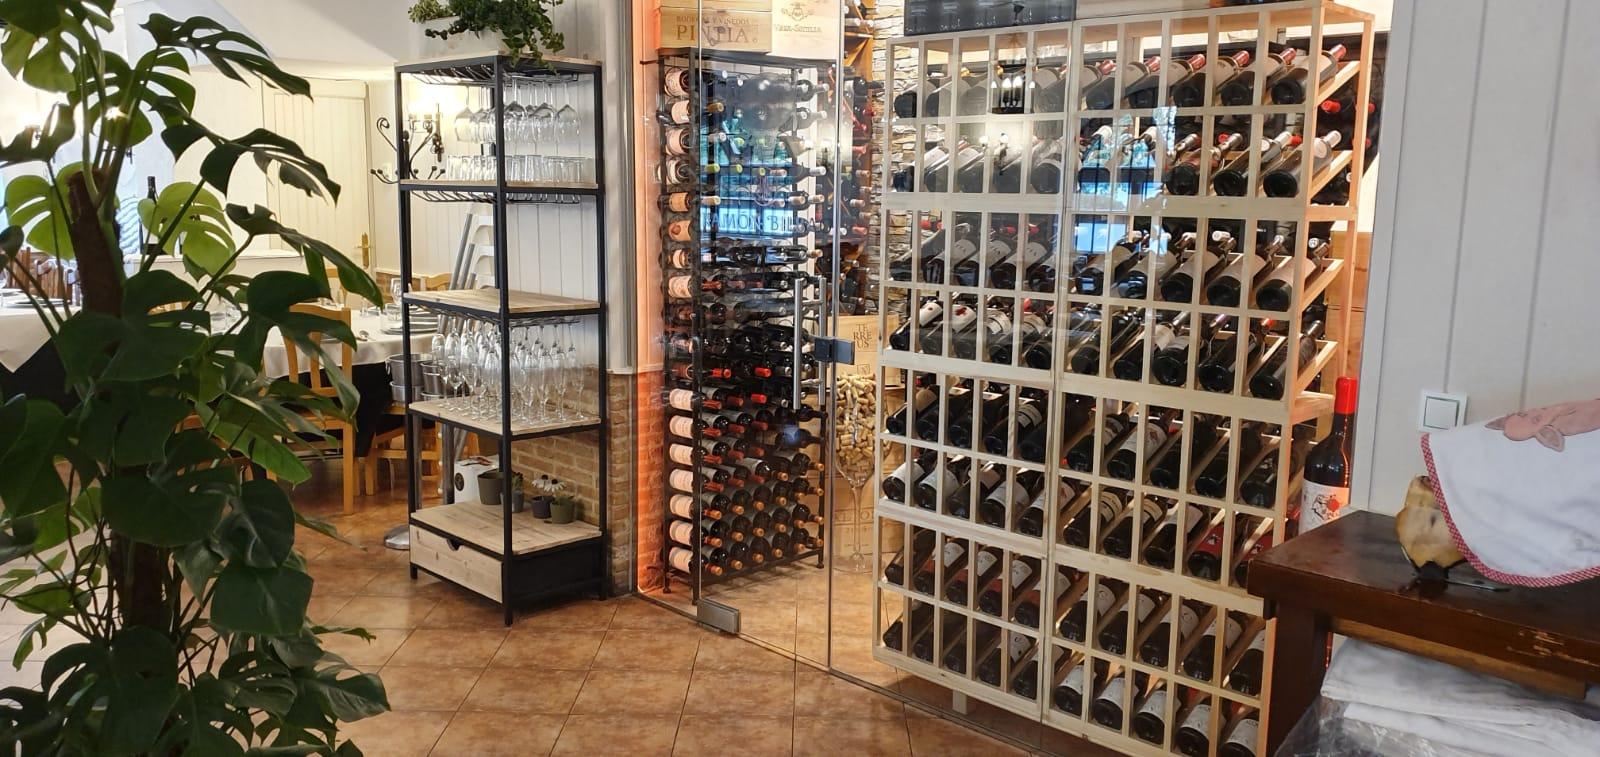 bar comprar vino vallecas